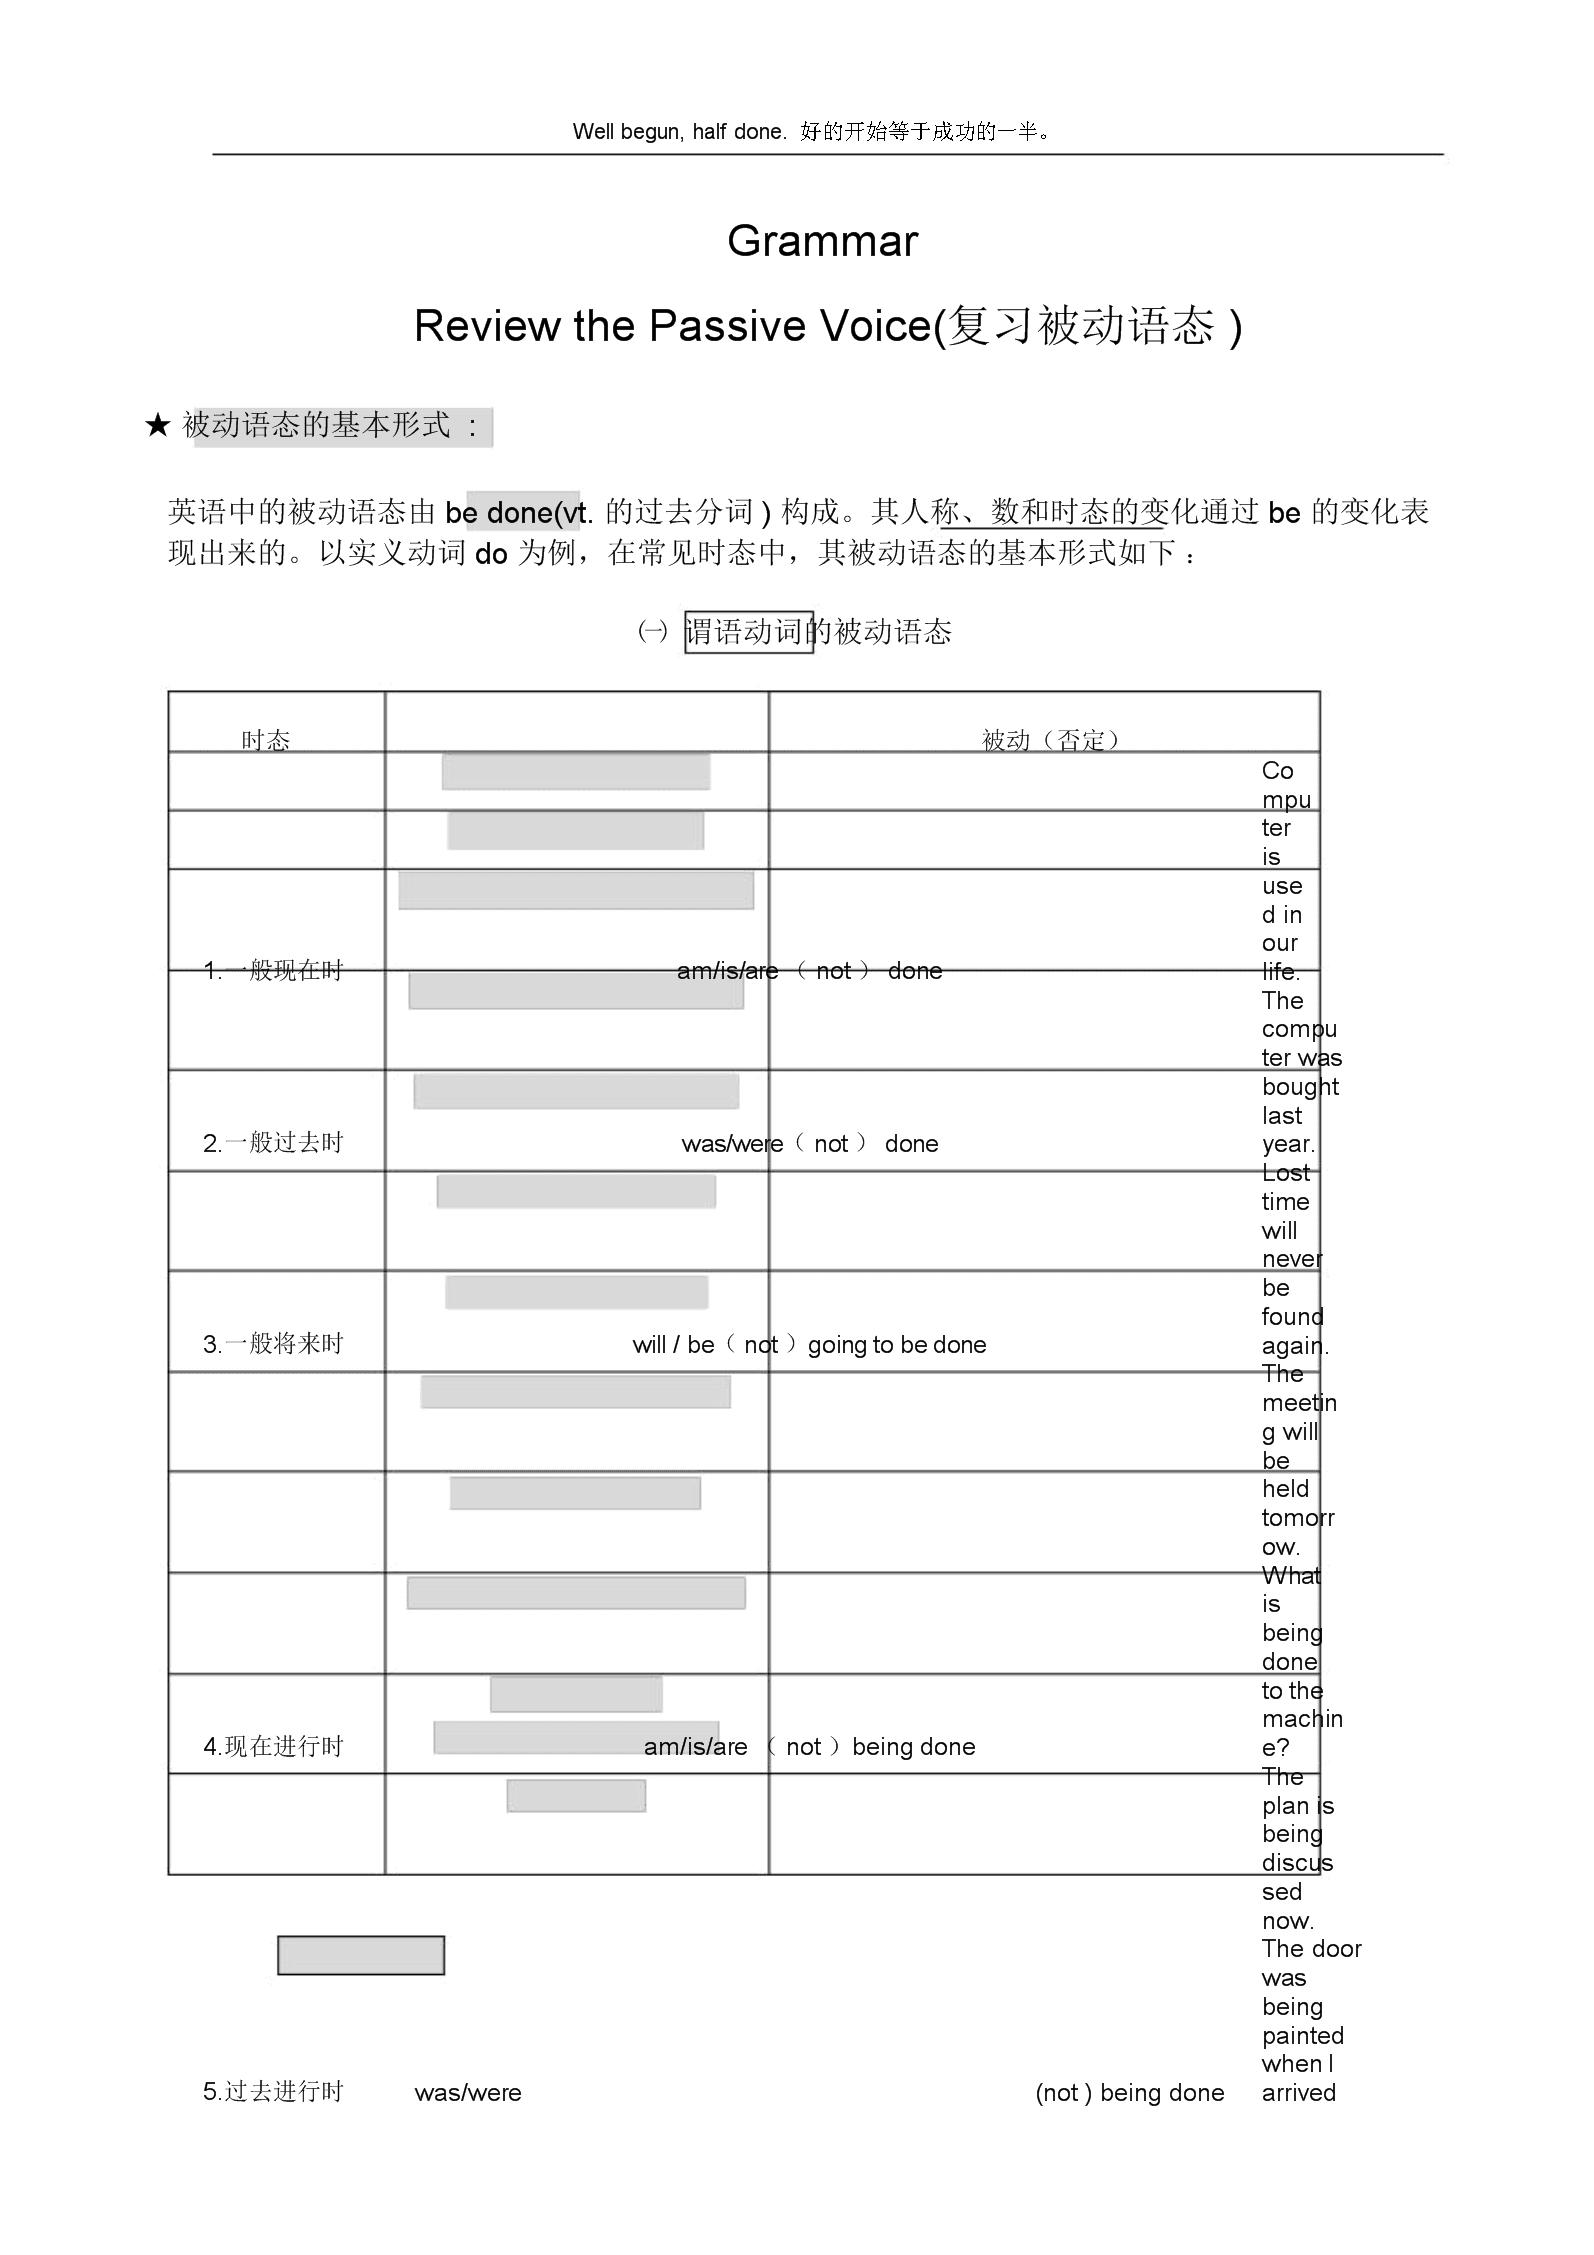 (完整)高中英语被动语态专题讲解与练习.docx